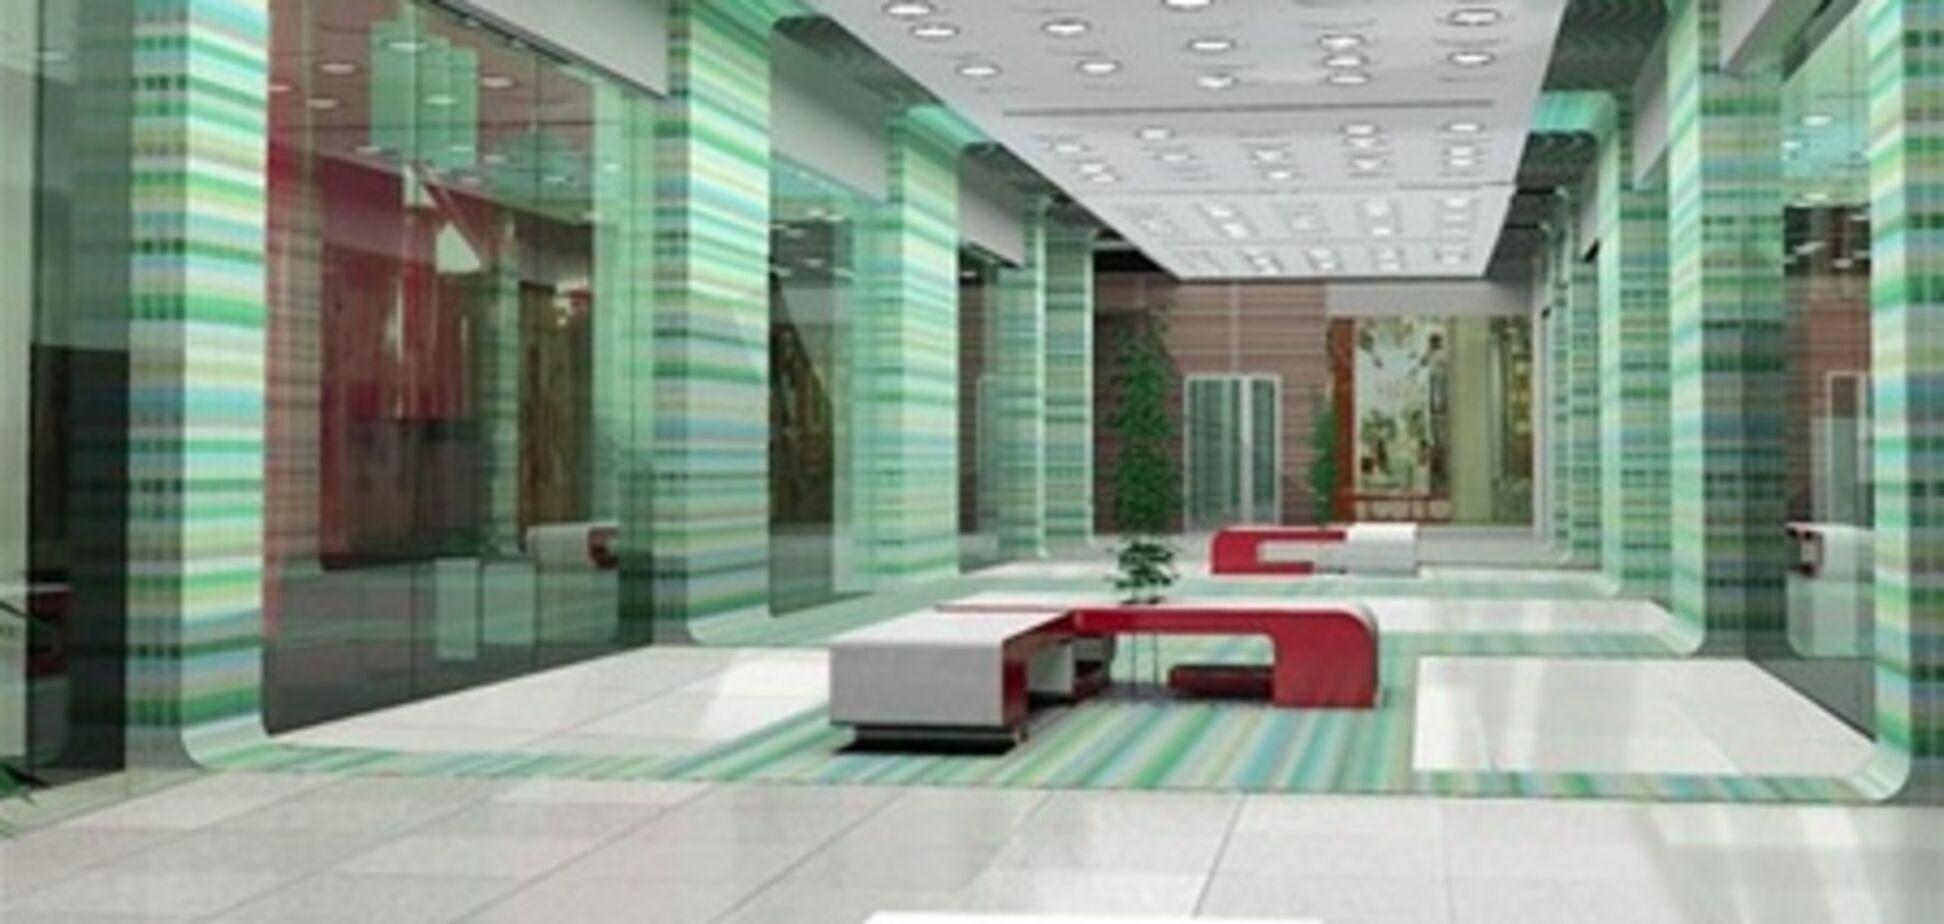 В 2012 году торговых центров станет в разы больше